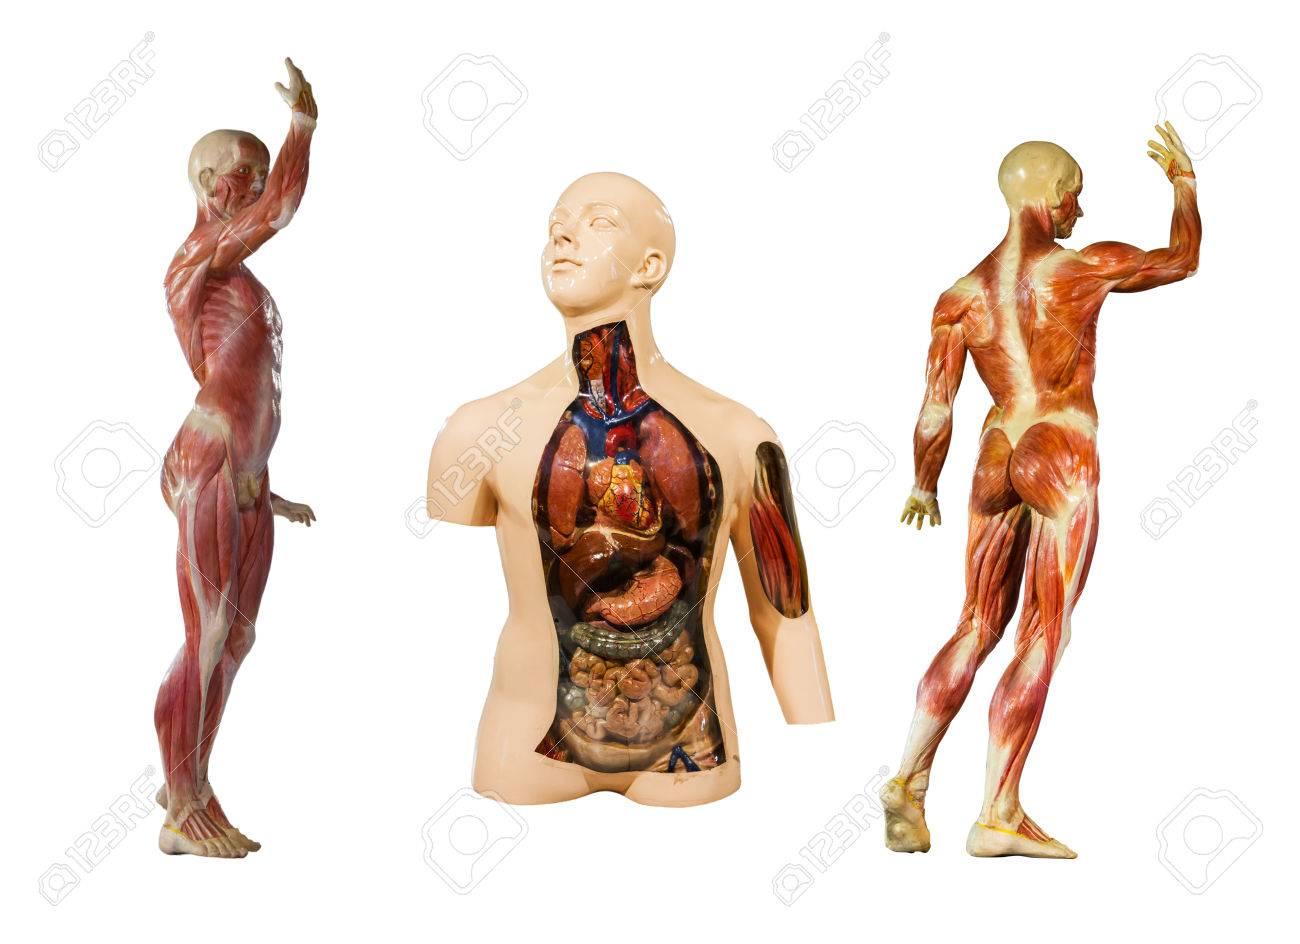 Menschliche Anatomie Schaufensterpuppe Auf Weißem Hintergrund Zu ...